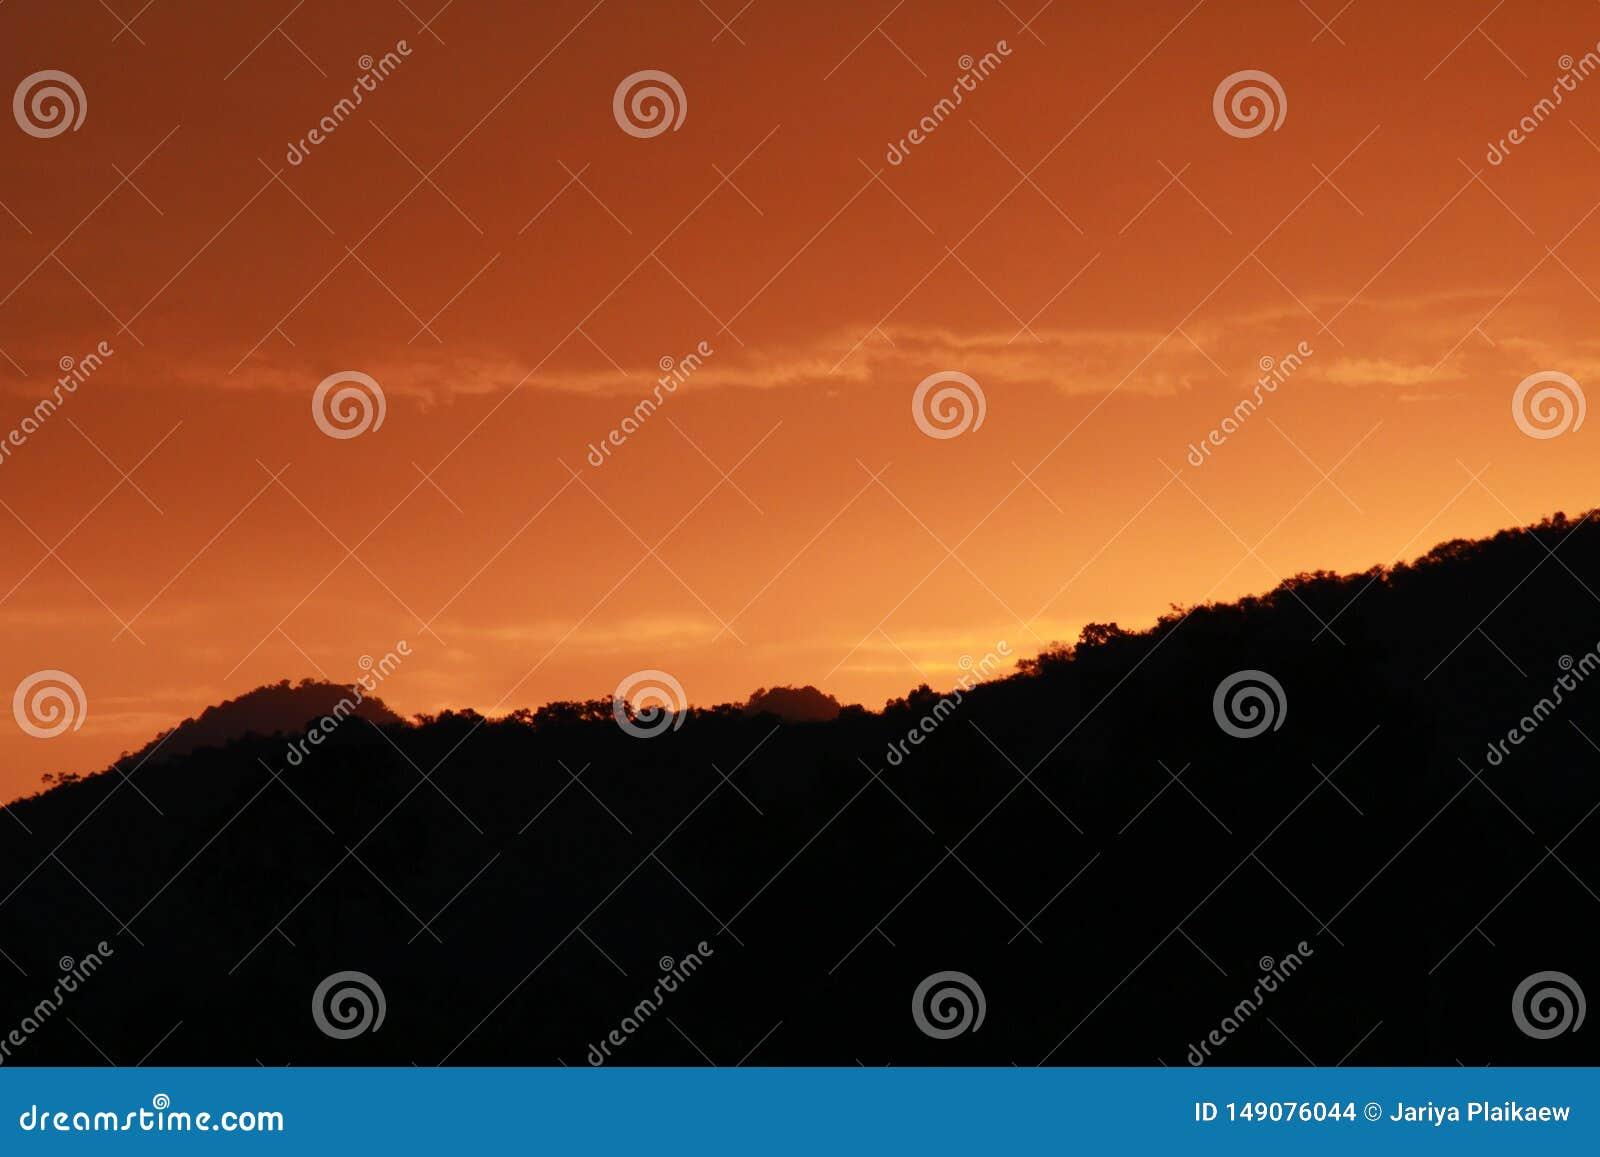 橙色天空和黑暗的山